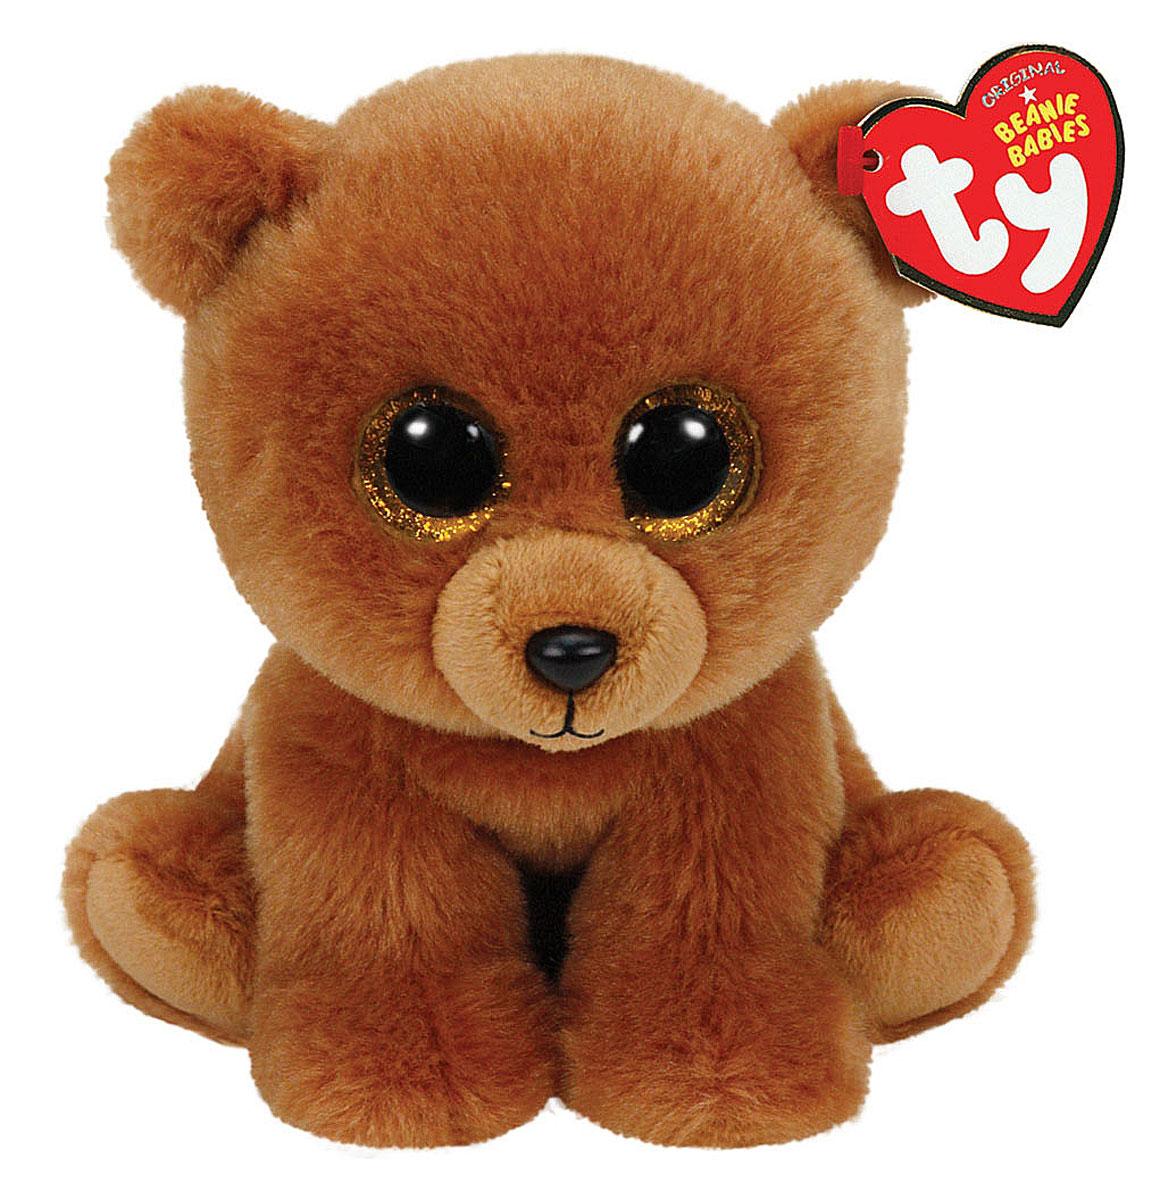 TY Мягкая игрушка Мишка Brownie 27 см90222Мягкая игрушка Мишка Brownie не оставит вас равнодушным и вызовет улыбку у каждого, кто ее увидит. Игрушка изготовлена из безопасных, приятных на ощупь материалов в виде милого сидячего медвежонка с большими глубокими глазками. Глазки и нос игрушки выполнены из пластика. Пластиковые гранулы, используемые при набивке игрушки, способствуют развитию мелкой моторики рук ребенка. Симпатичная игрушка будет радовать вашего ребенка, а также способствовать полноценному и гармоничному развитию его личности. Это отличный подарок как для любого ребенка, так и взрослого человека!